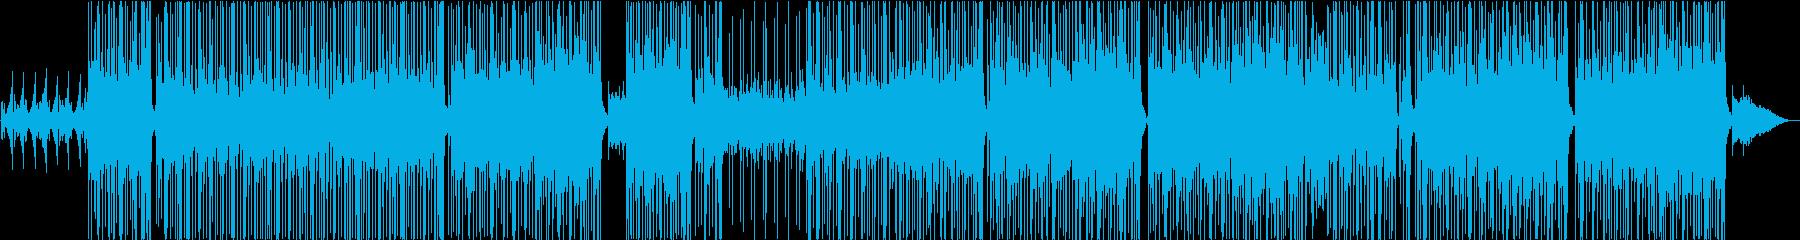 王道系ポップトラックです。の再生済みの波形